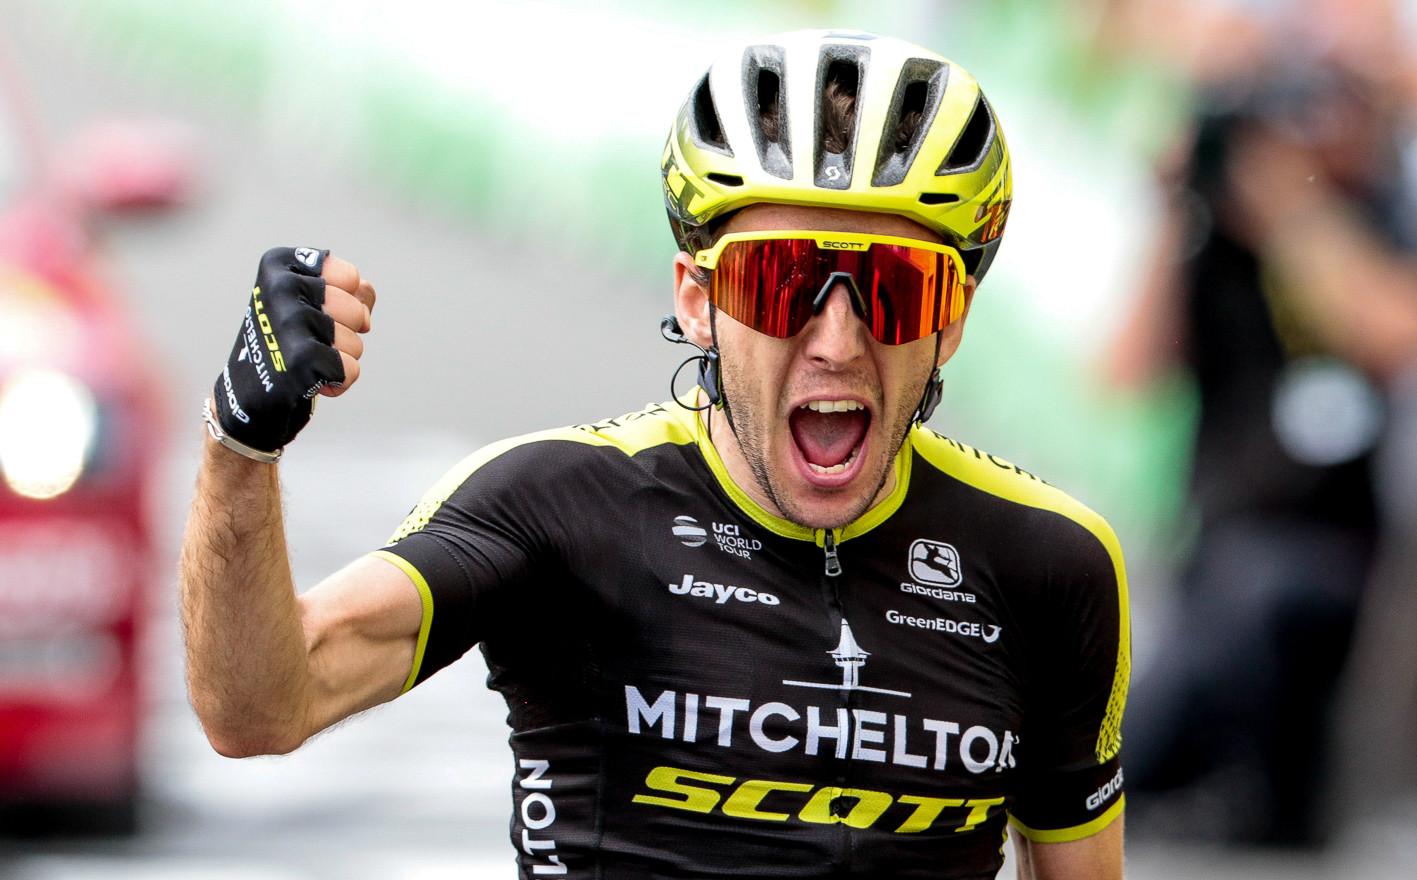 Simon Yates (GB/Mitchelton) wins stage 15 of the Tour de France 2019.